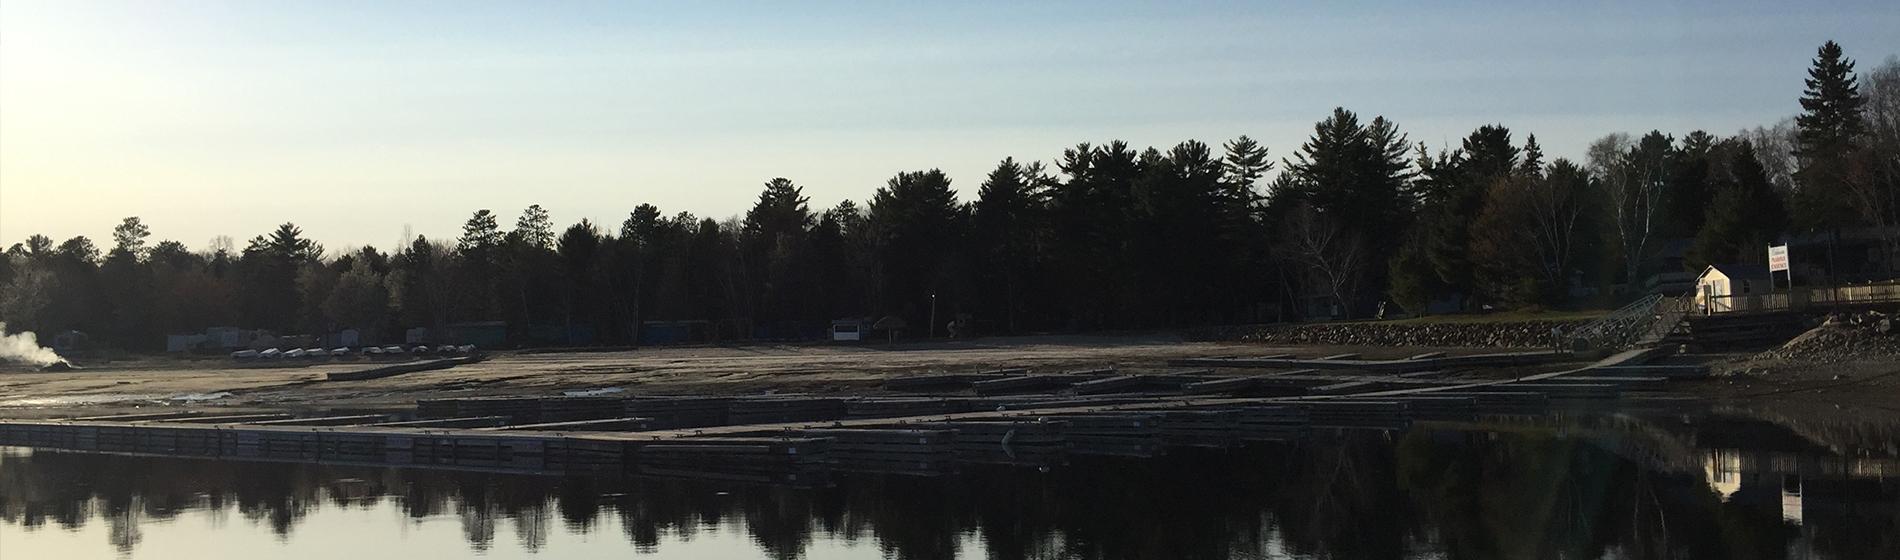 Réservation de chalet et d'emplacements de camping pour toute la famille